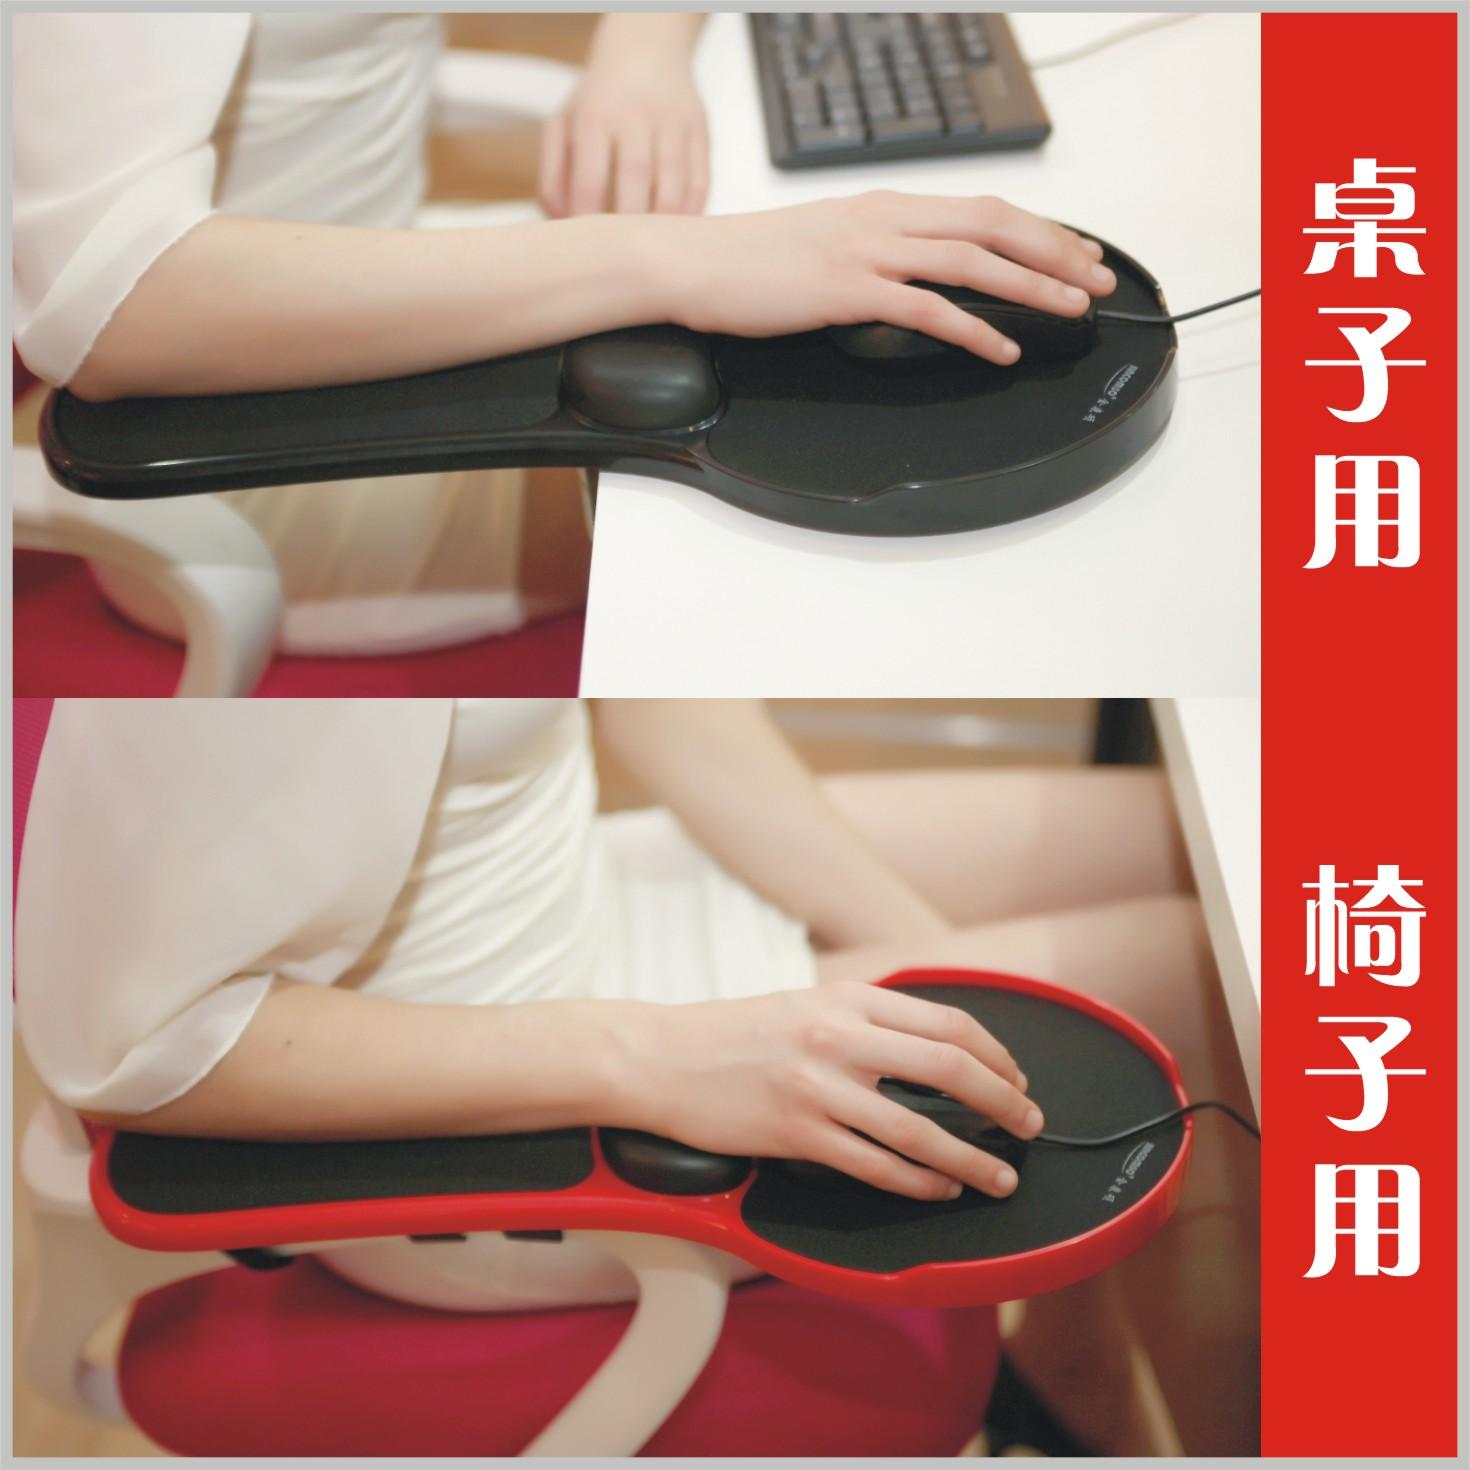 創意桌椅兩用電腦手托架記憶棉手腕墊託臂託肩護腕手枕墊滑鼠墊男女生滑鼠墊支架延長滑鼠板子免打孔托盤桌子